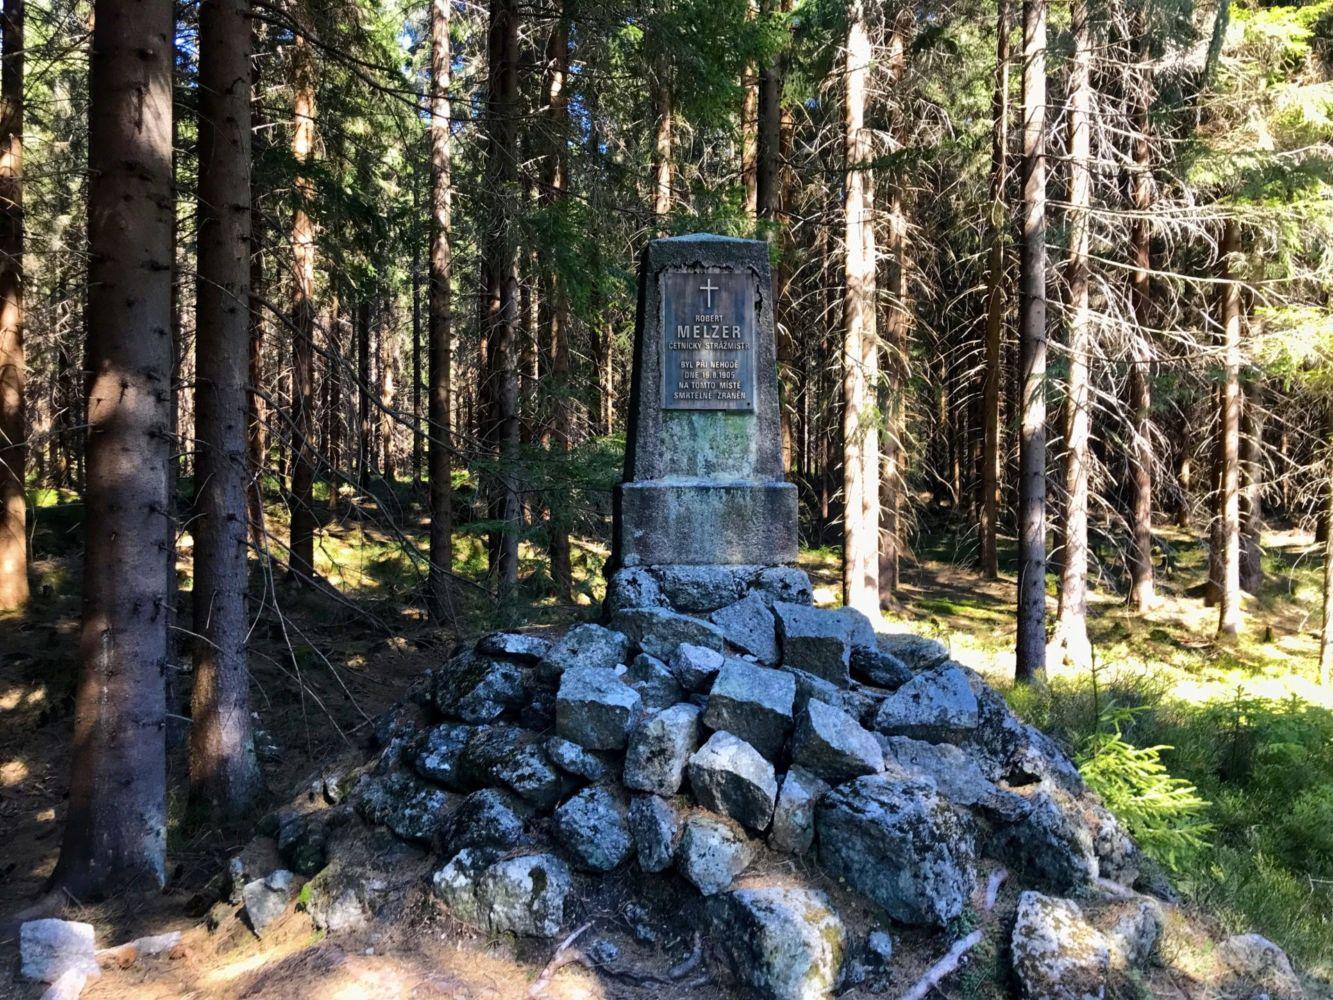 Melzerův pomník ležící na NS Černá Nisa připomíná neštěstí v r. 1905, kdy se stavěla bedřichovská přehrada. Zahynul zde mladík Robert Melzer, na kterého se převrhl vagónek z úzkokolejné železnice.